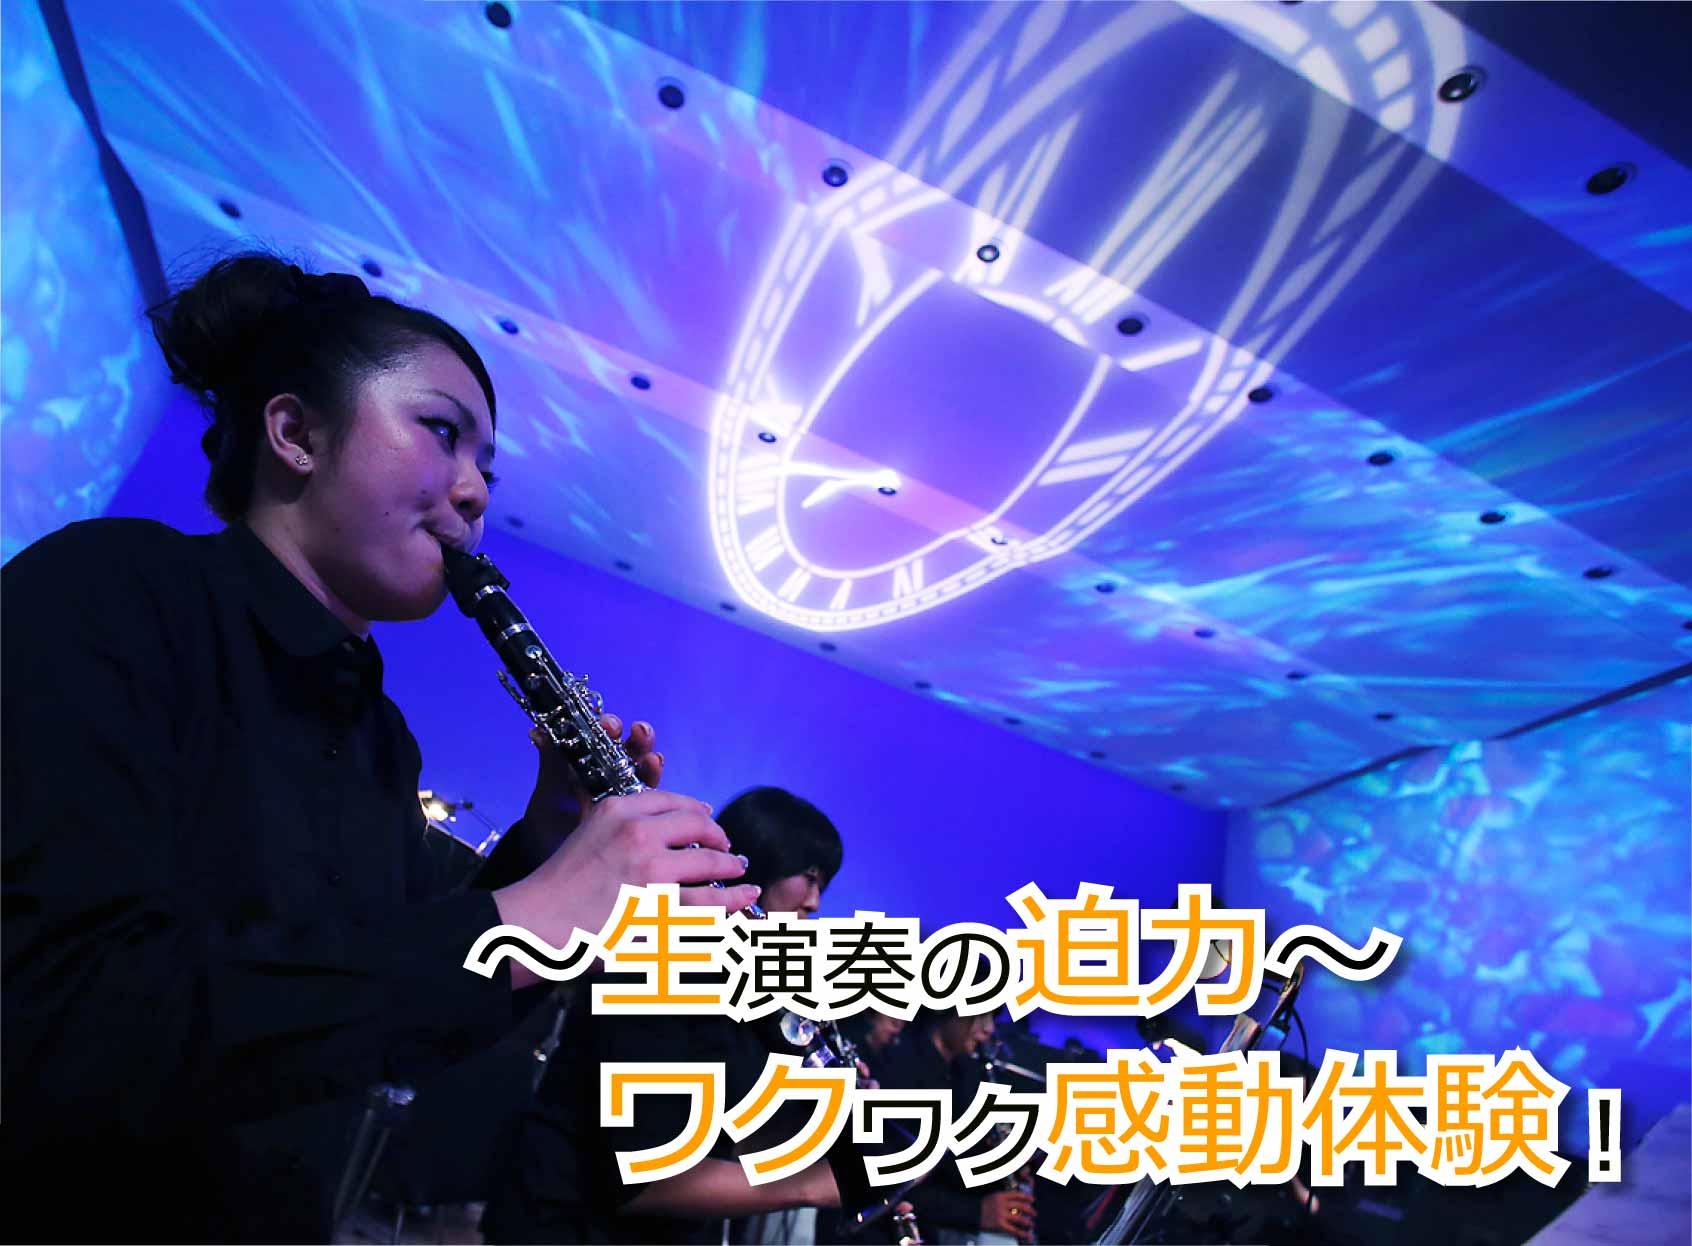 〜生演奏の迫力〜 ワクワク感動体験!